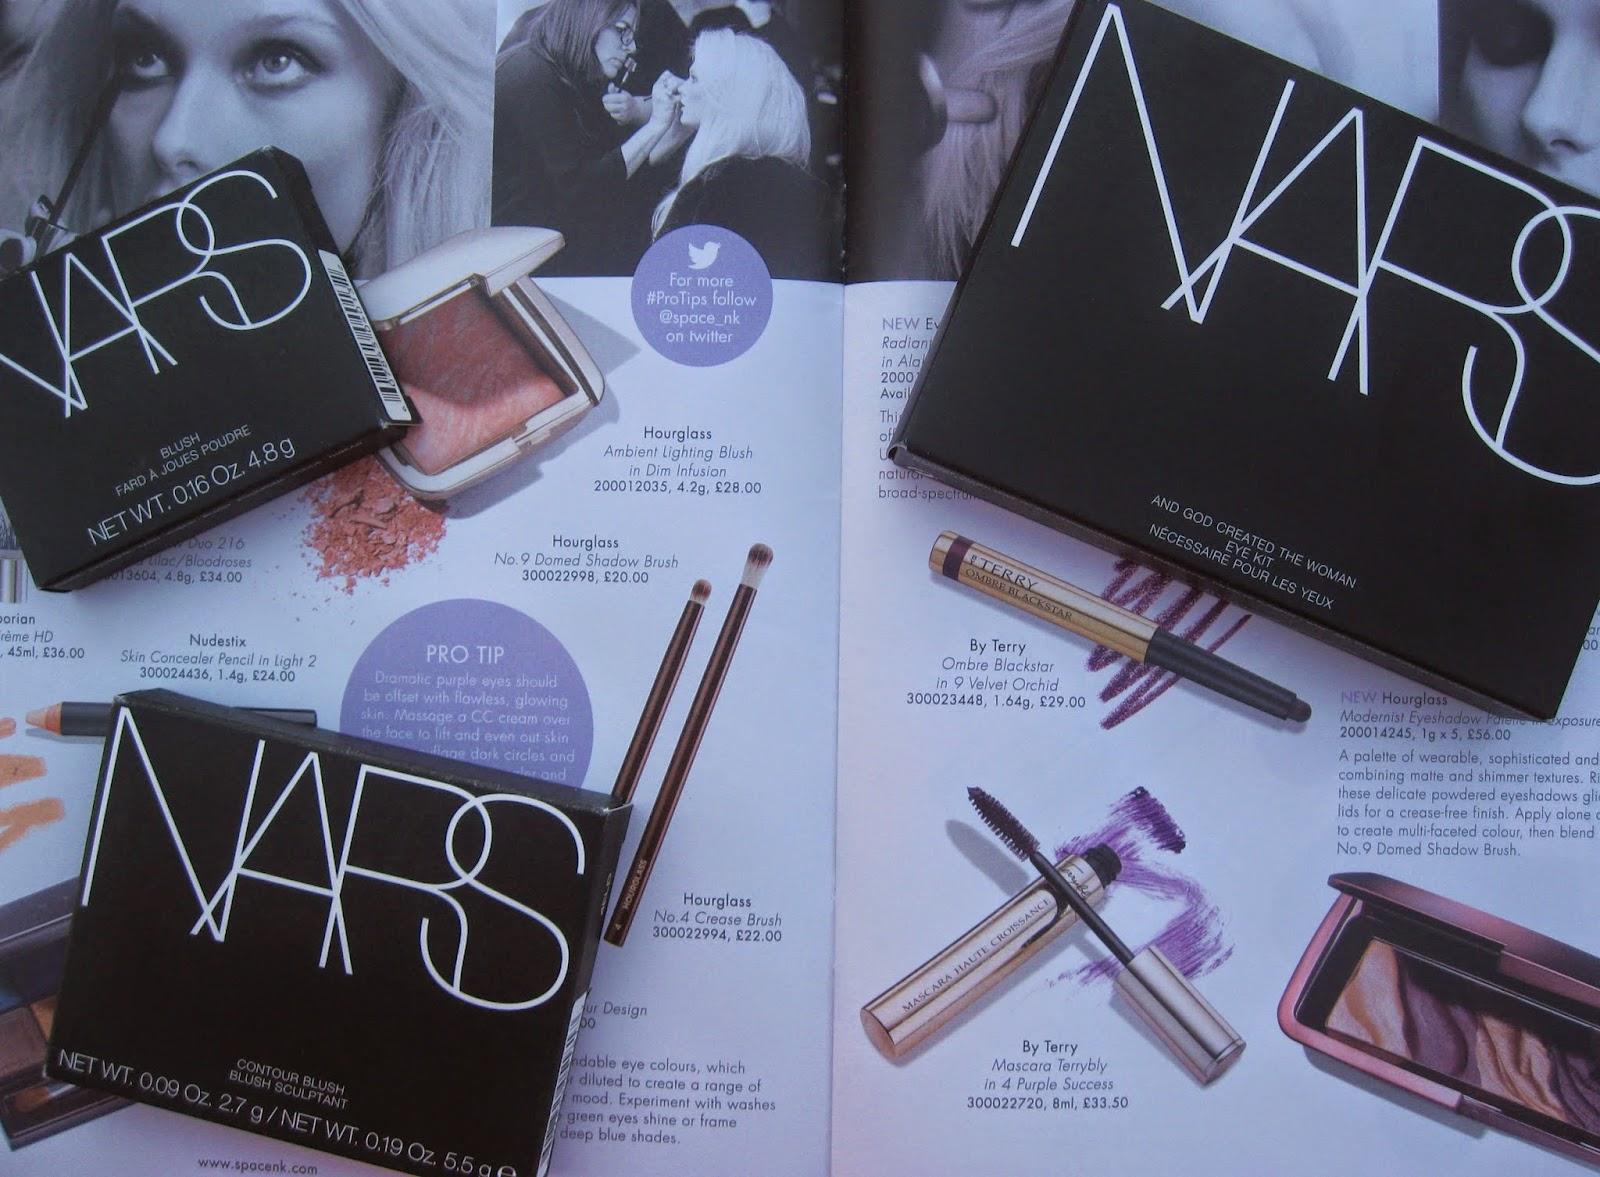 nars, haul, orgasm blush, god created the woman palette, nars eyeshadow, nars blush, nars contour, nars laguna, nars paloma,